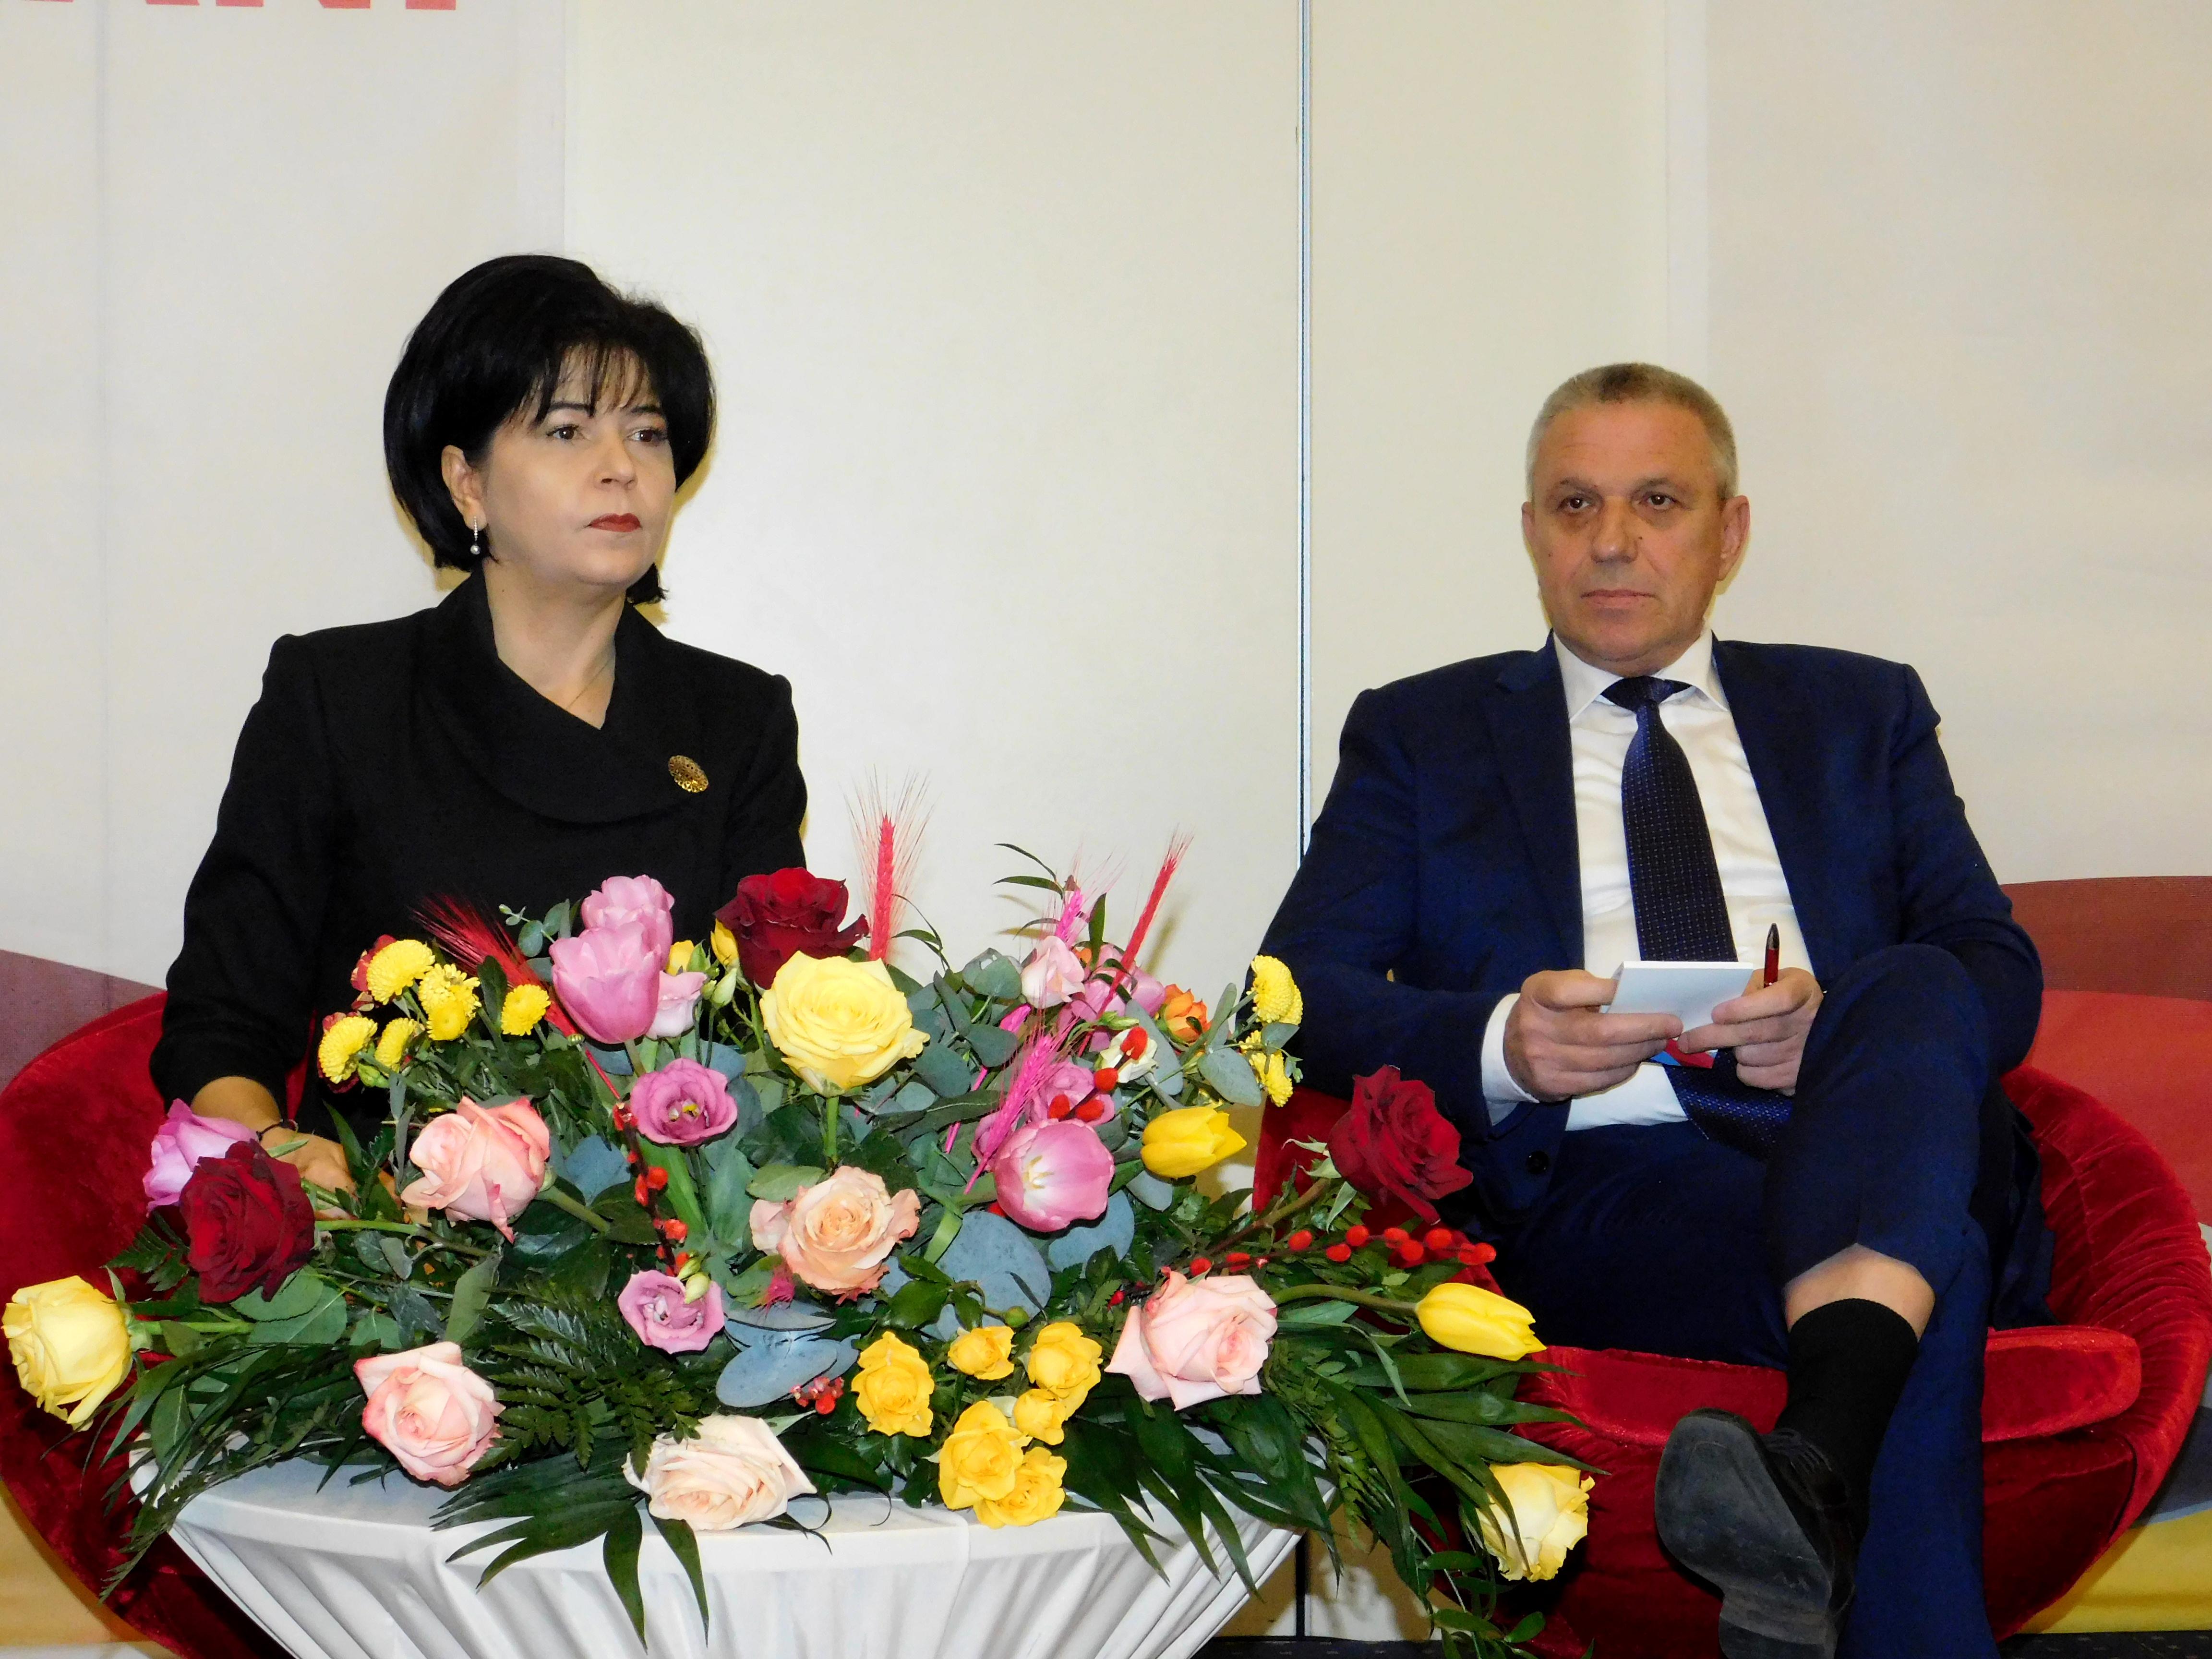 Congresul PSD se amână, siguranța și sănătatea oamenilor sunt prioritare 3